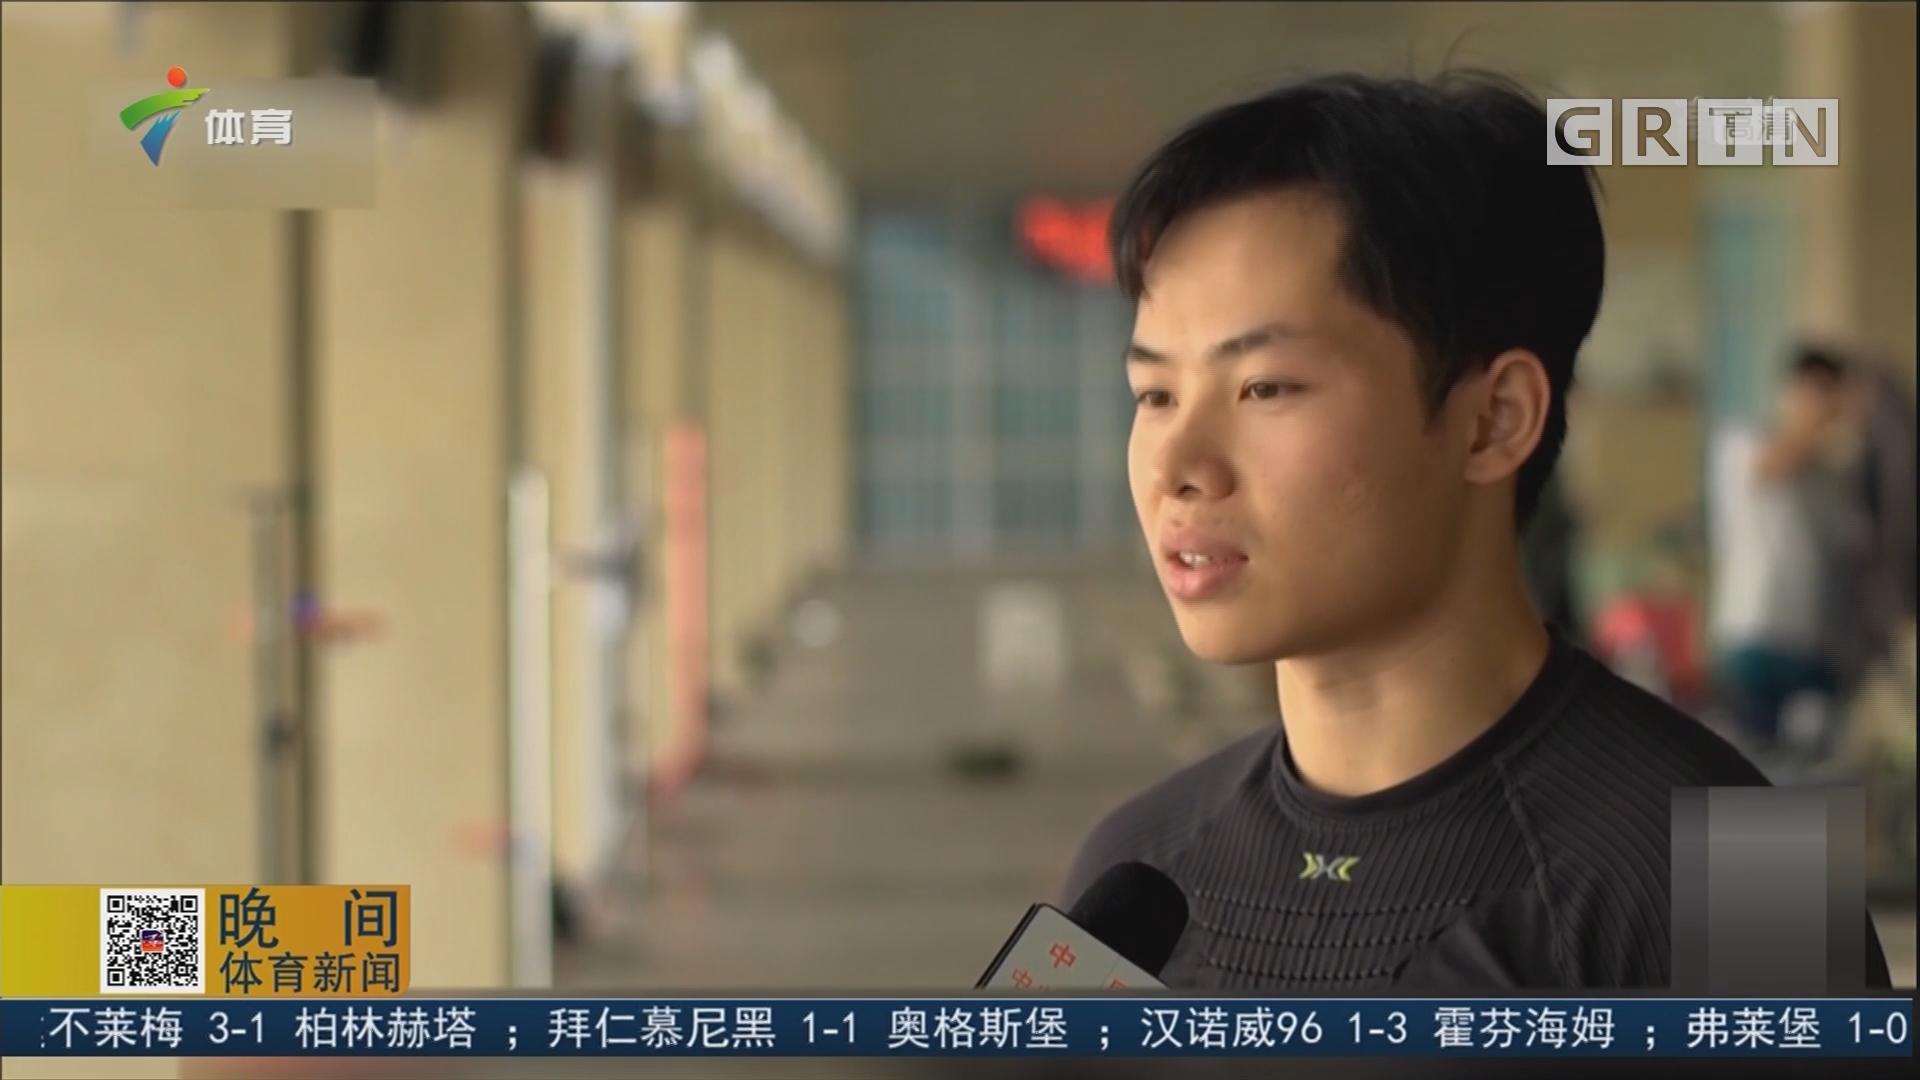 潘俊辉首夺全国射击比赛冠军